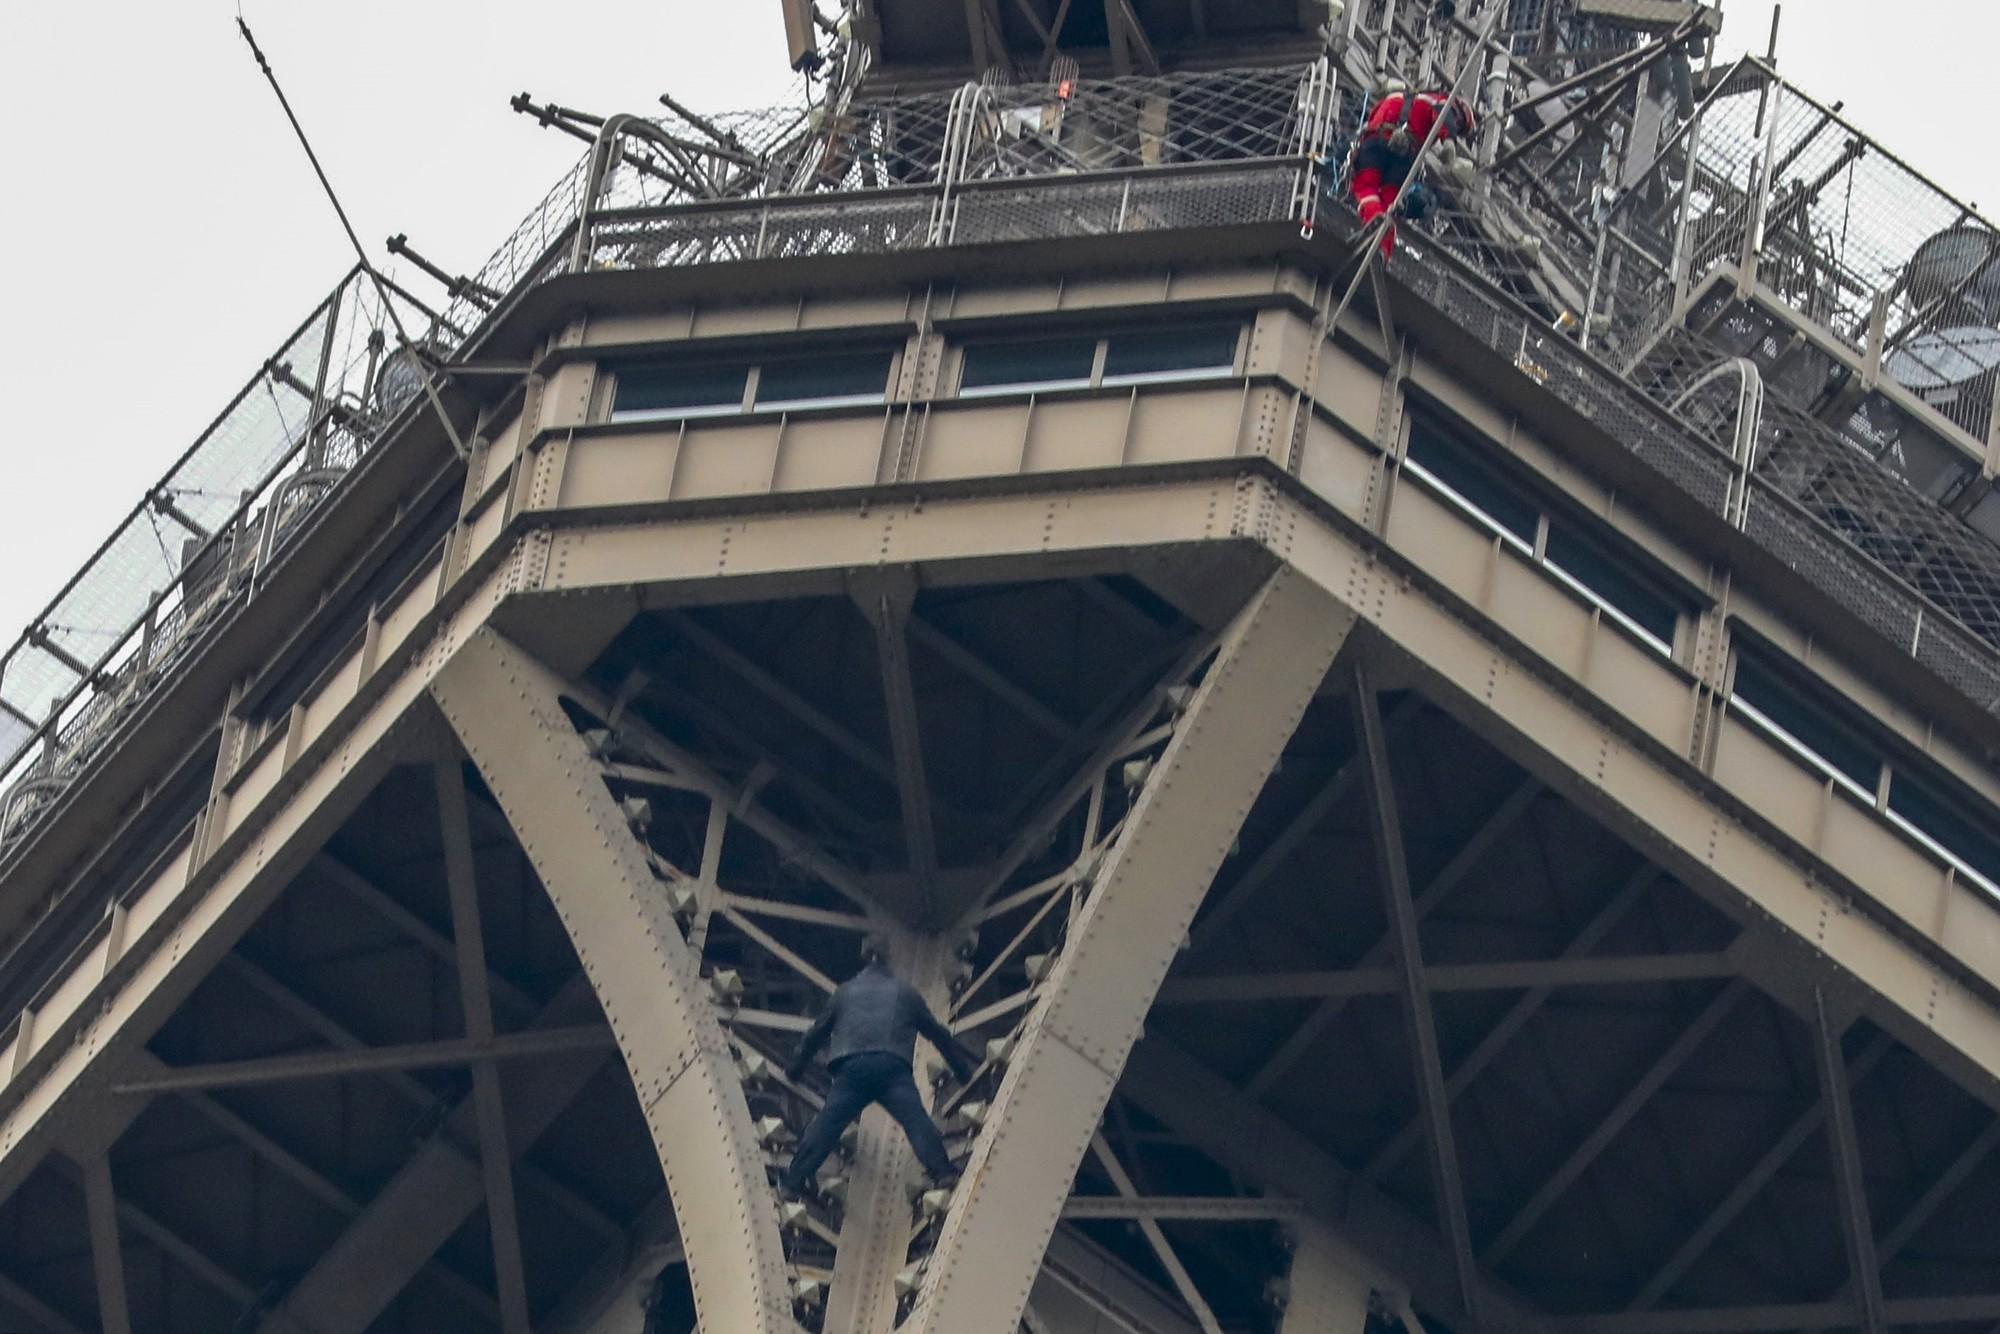 Khách du lịch phải sơ tán vì người đàn ông tự ý trèo lên Tháp Eiffel - Ảnh 2.